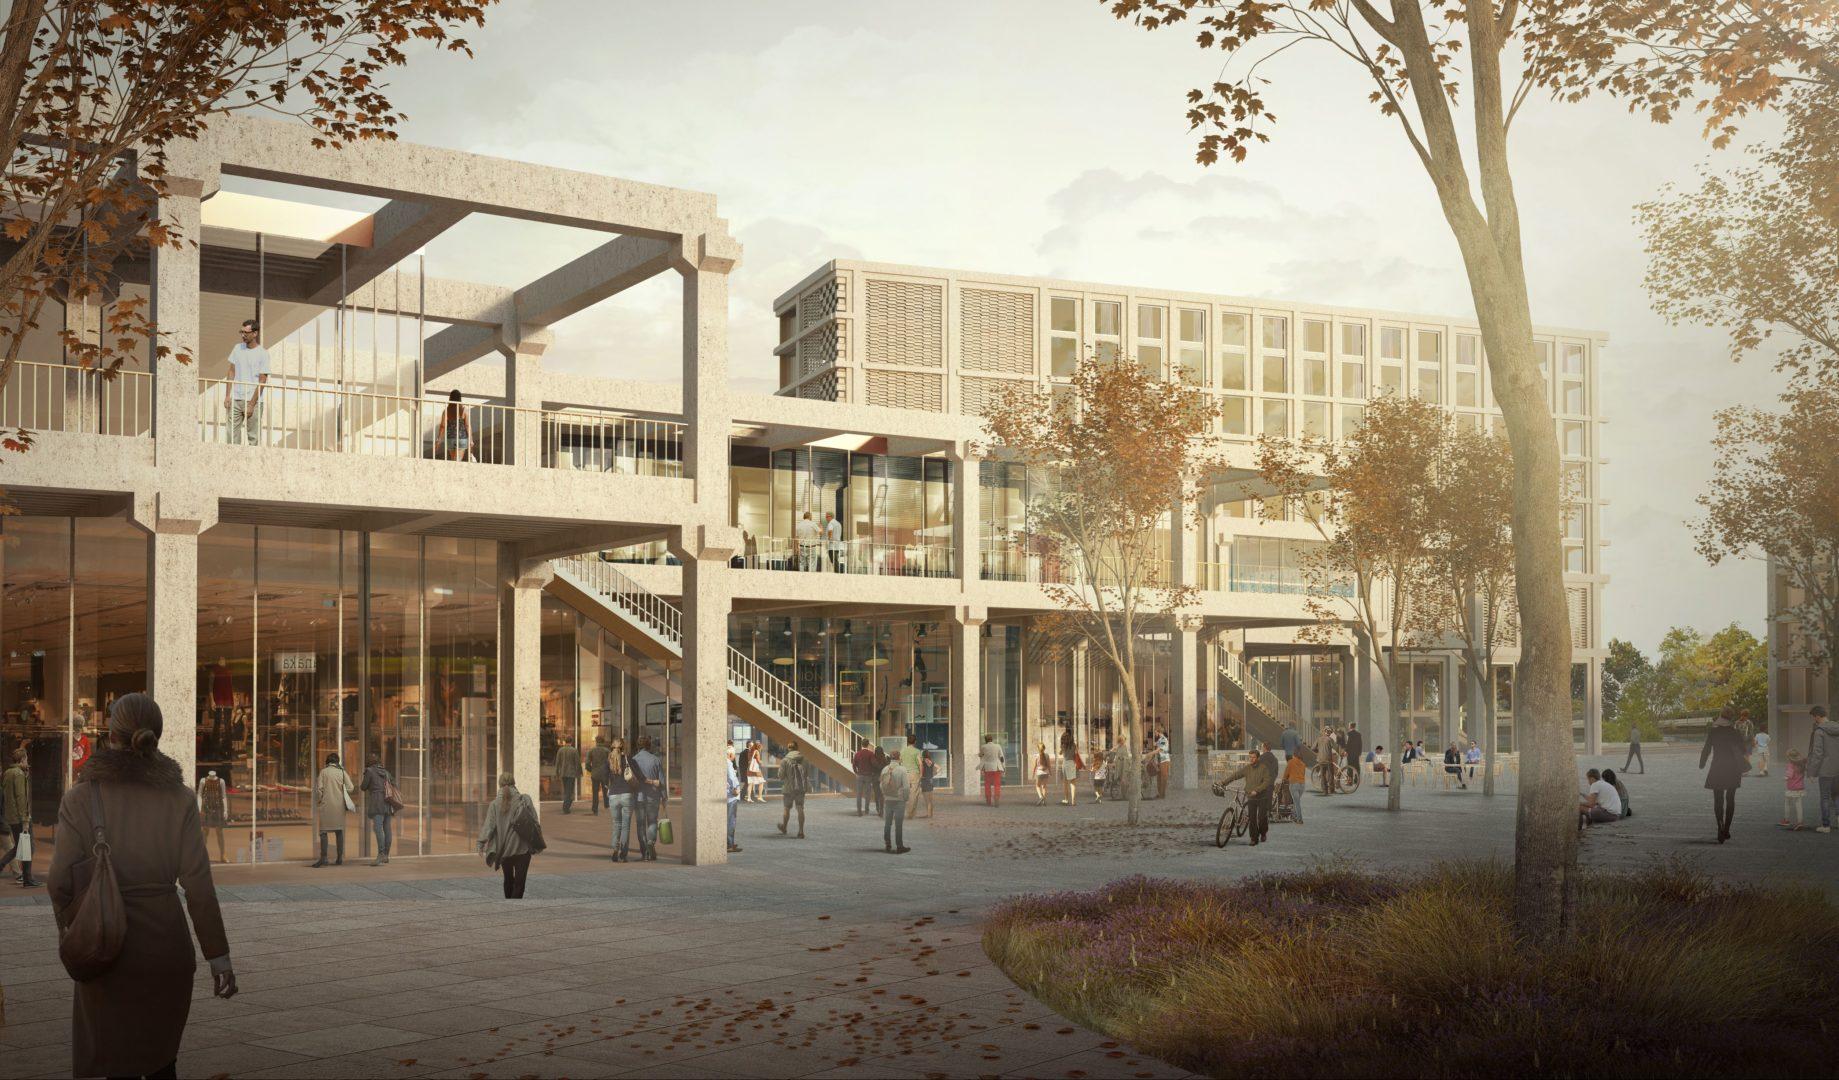 Vue du quartier depuis l'ouest – Le jeu de coursives et d'escaliers rythme l'espace public